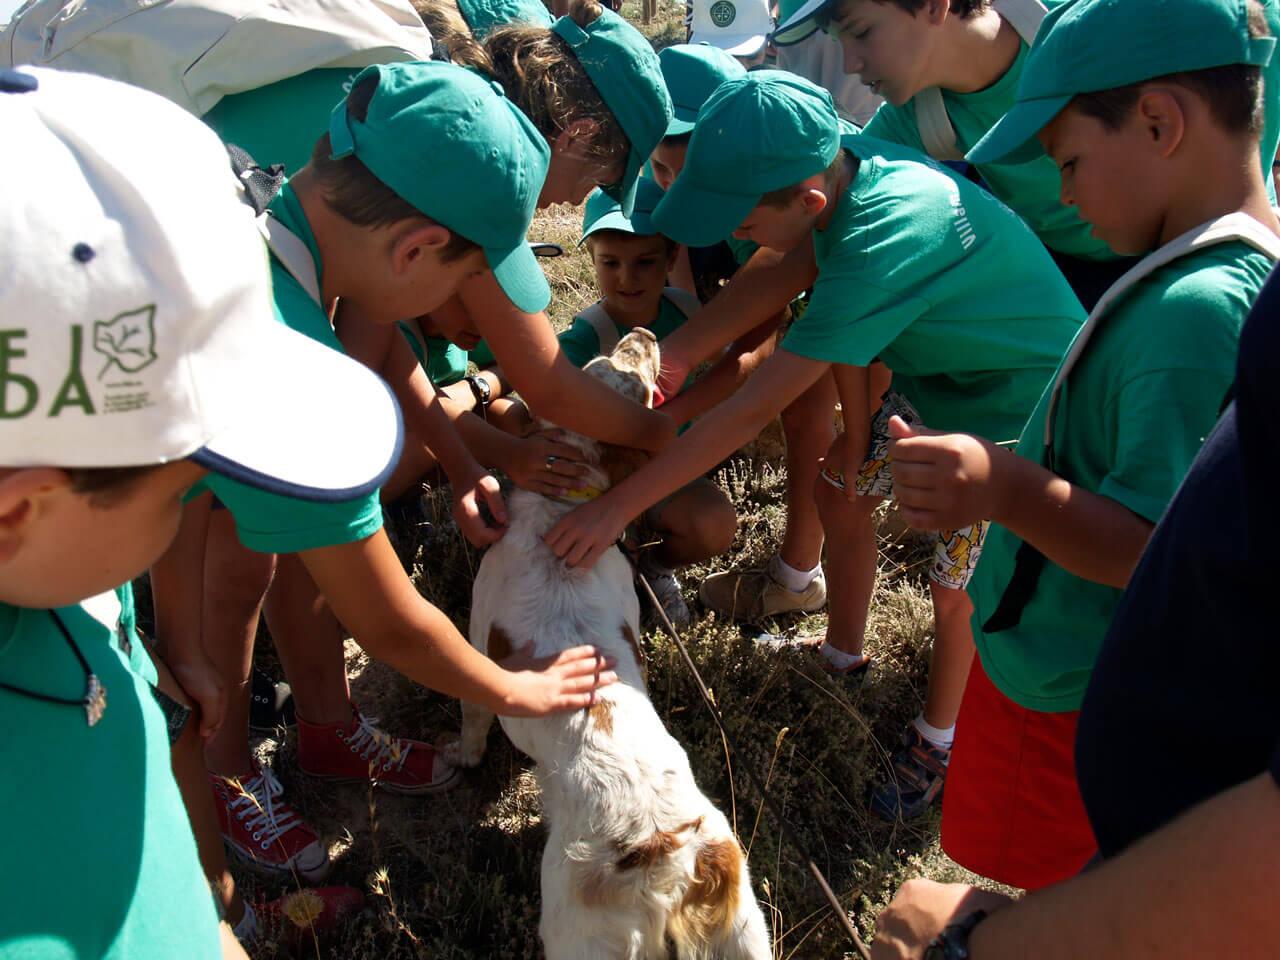 Escuela - Fotos Exhibición Perros